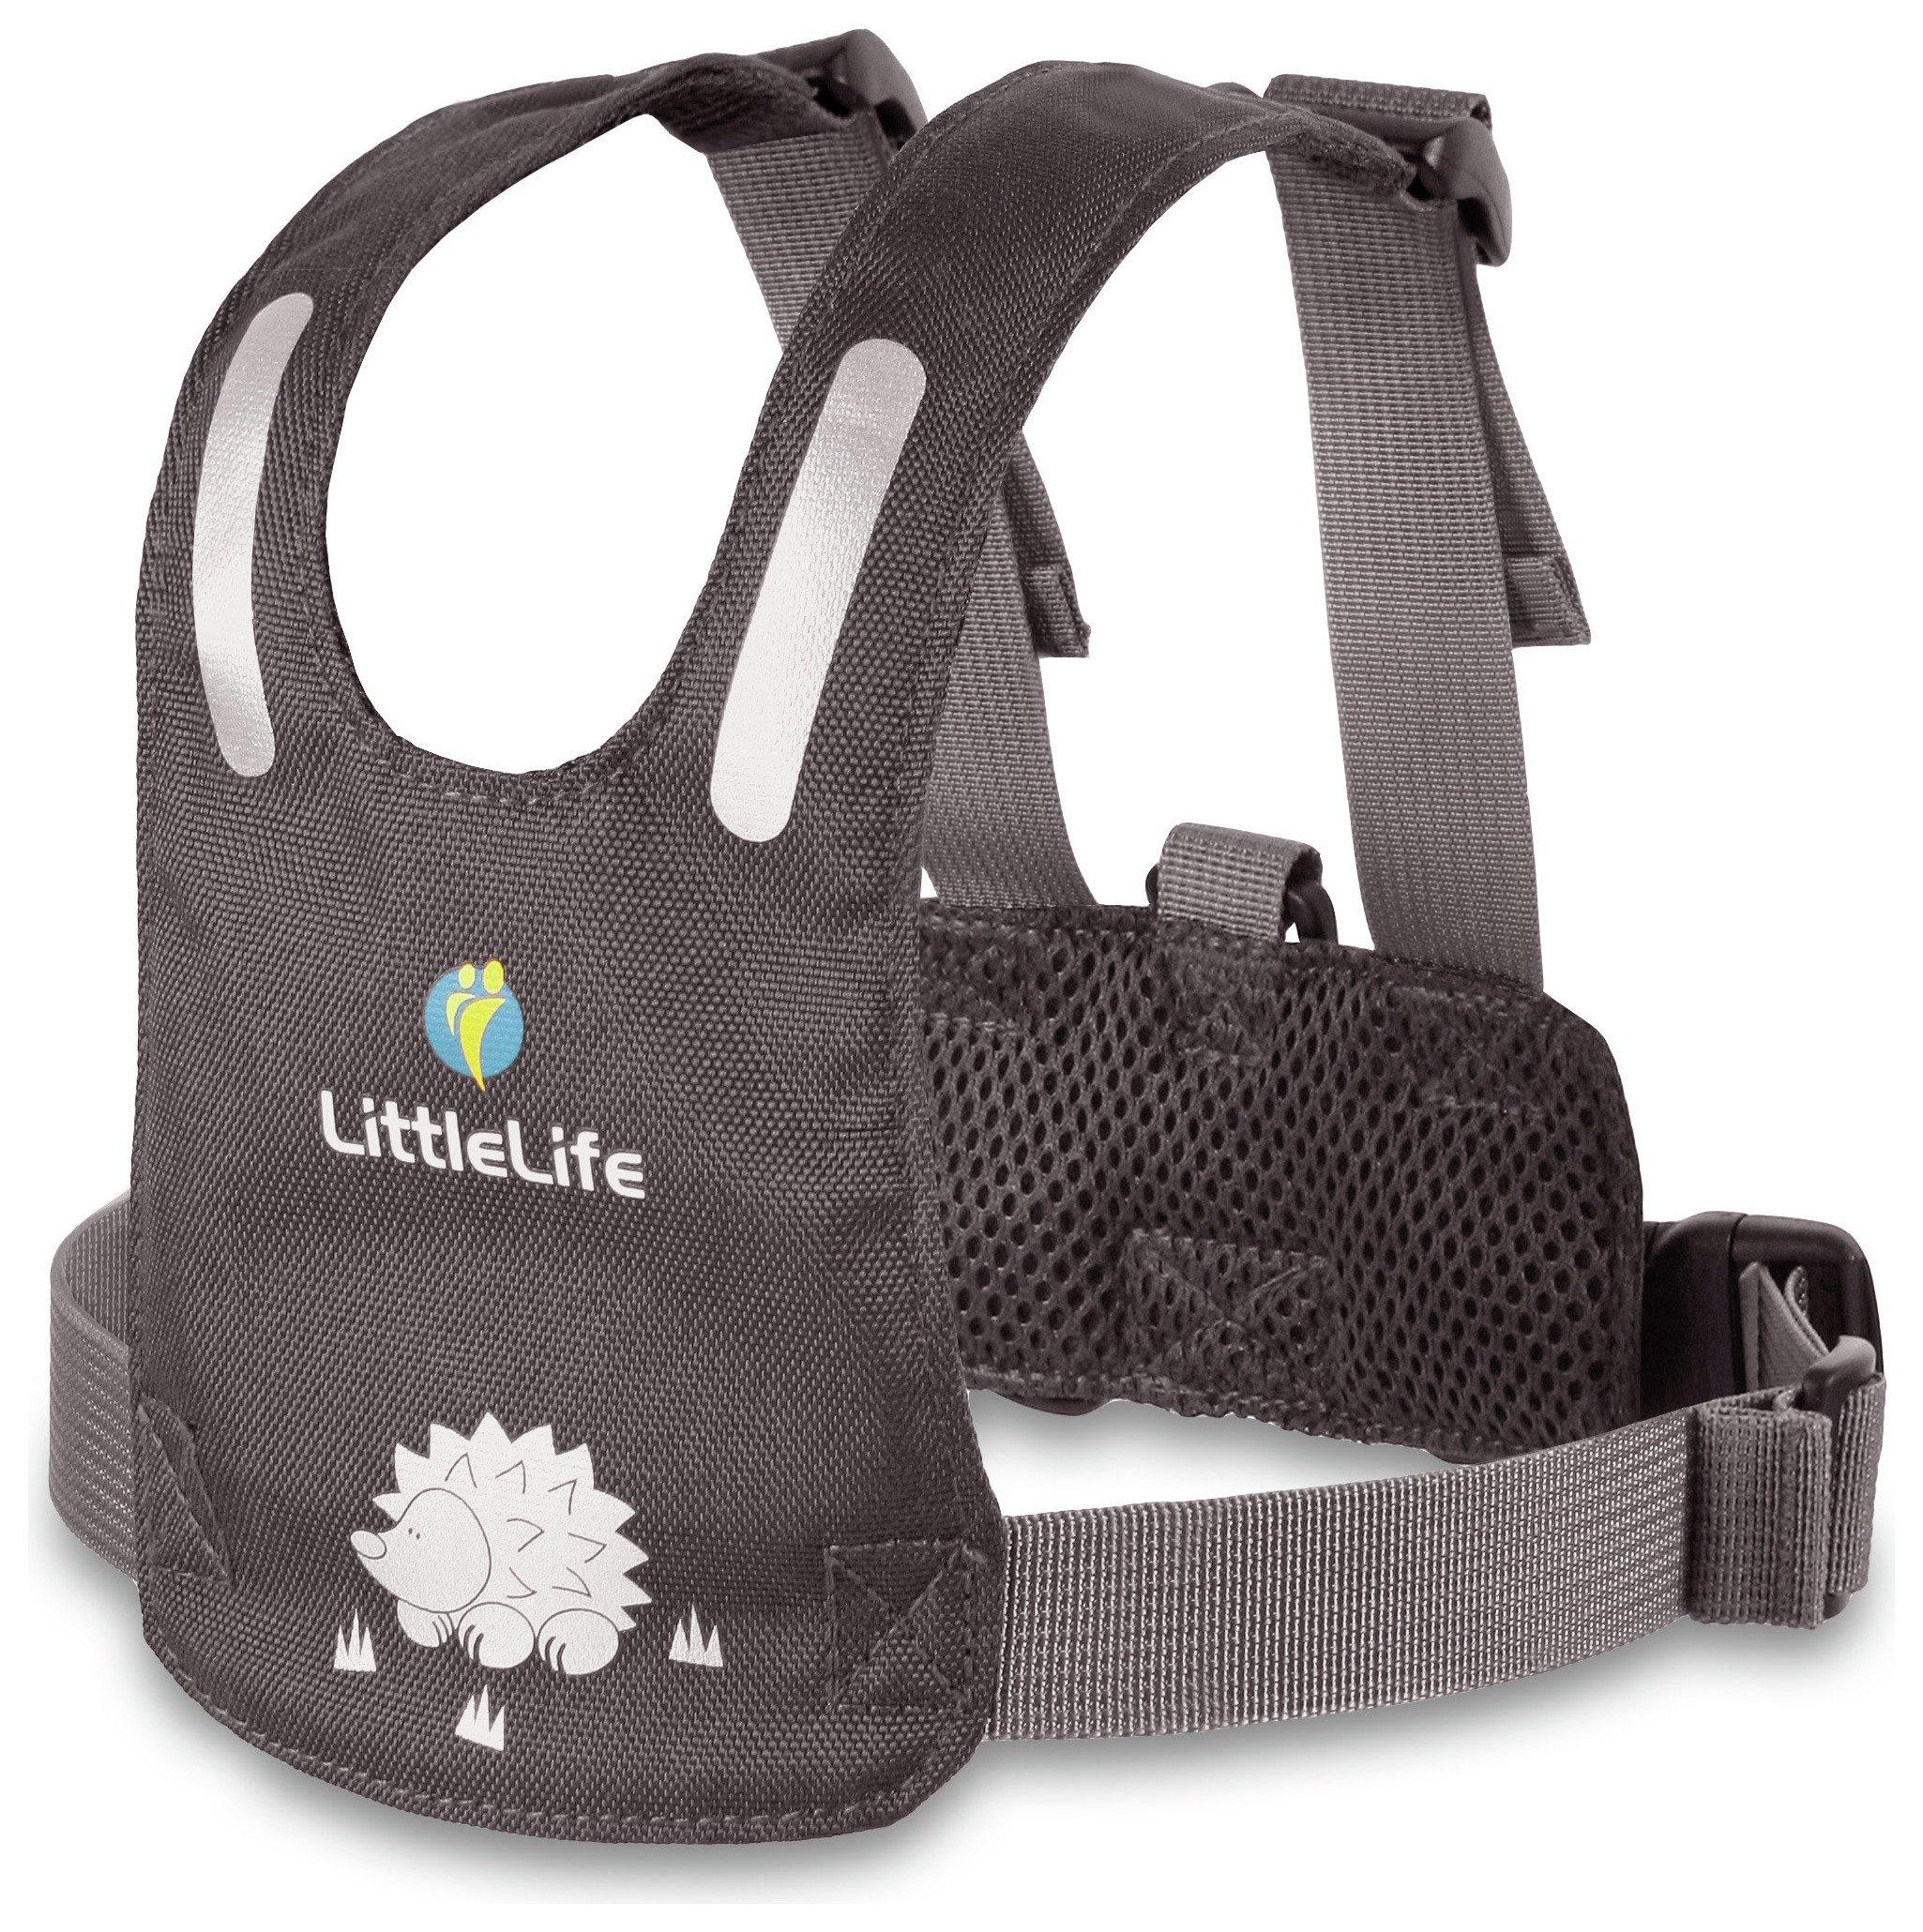 Littlelife Safety Harness - Hedgehog